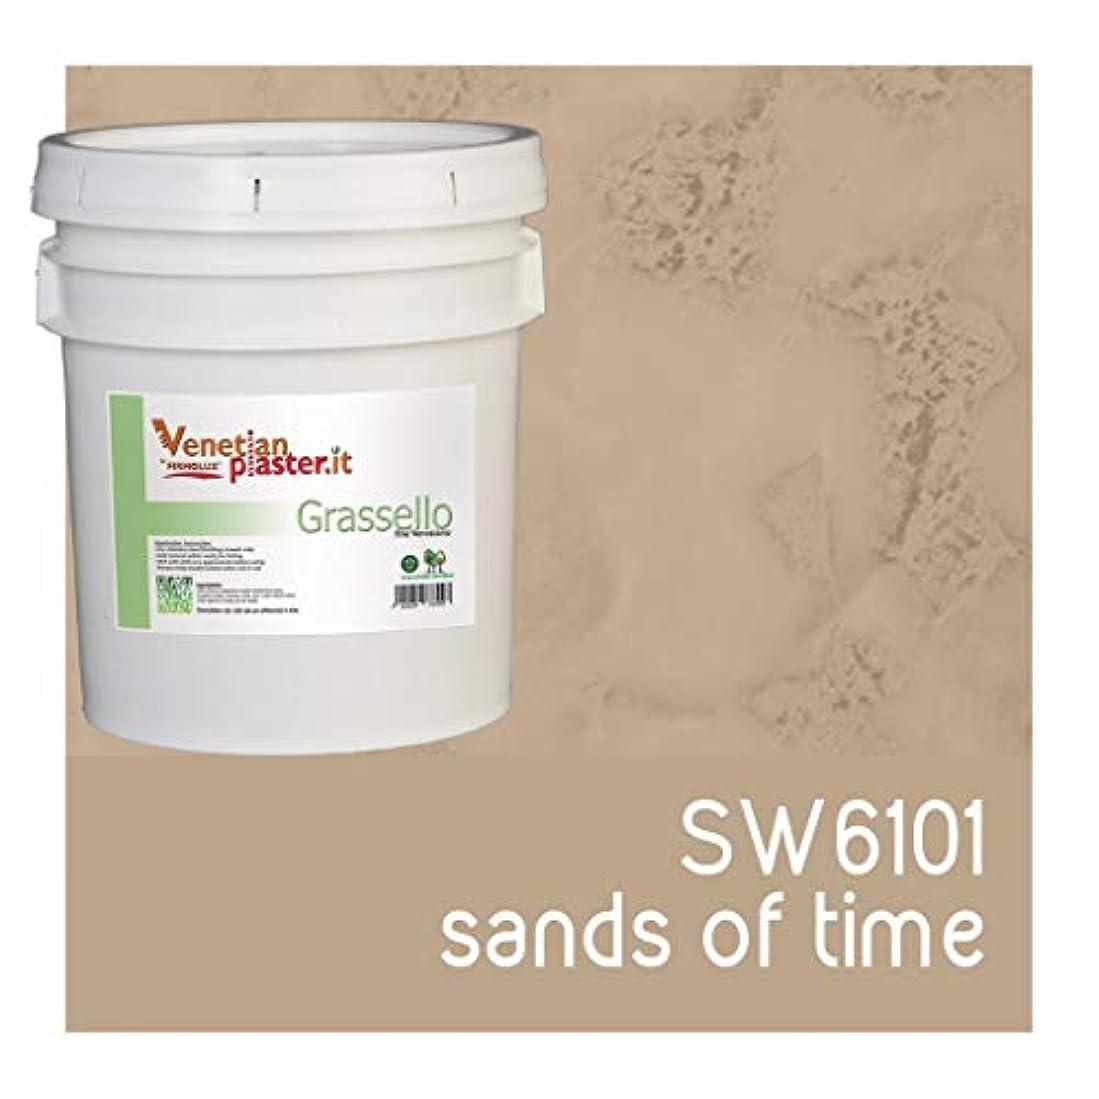 コンサルタント現金鎮痛剤Grassello ( Fine ) Authentic Venetian Plaster ( Browns & Tan色 – 8ページの22ページ。使用してAuthentic Plasterからイタリアは究極の仕上げ。( firmolux Venetian Plaster ) 3-Gallons ブラウン GL12KG-SW6101